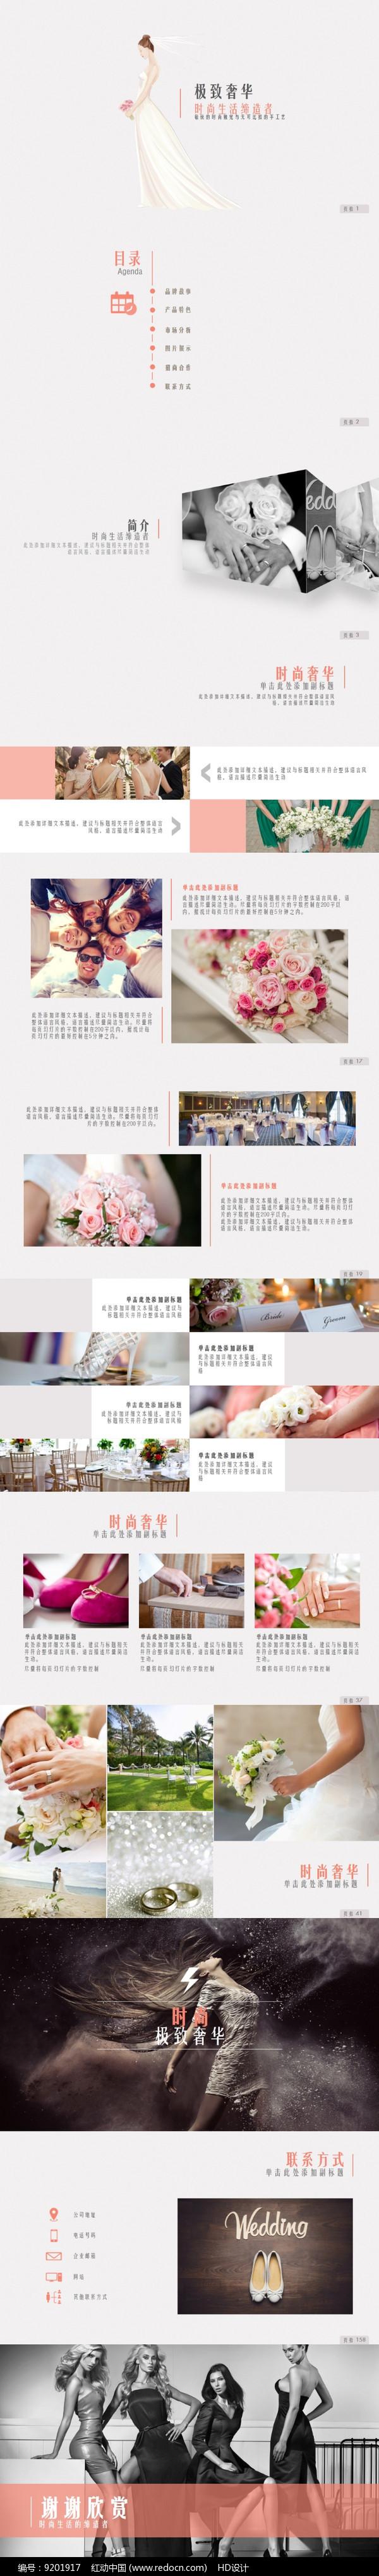 唯美婚礼策划ppt模板图片